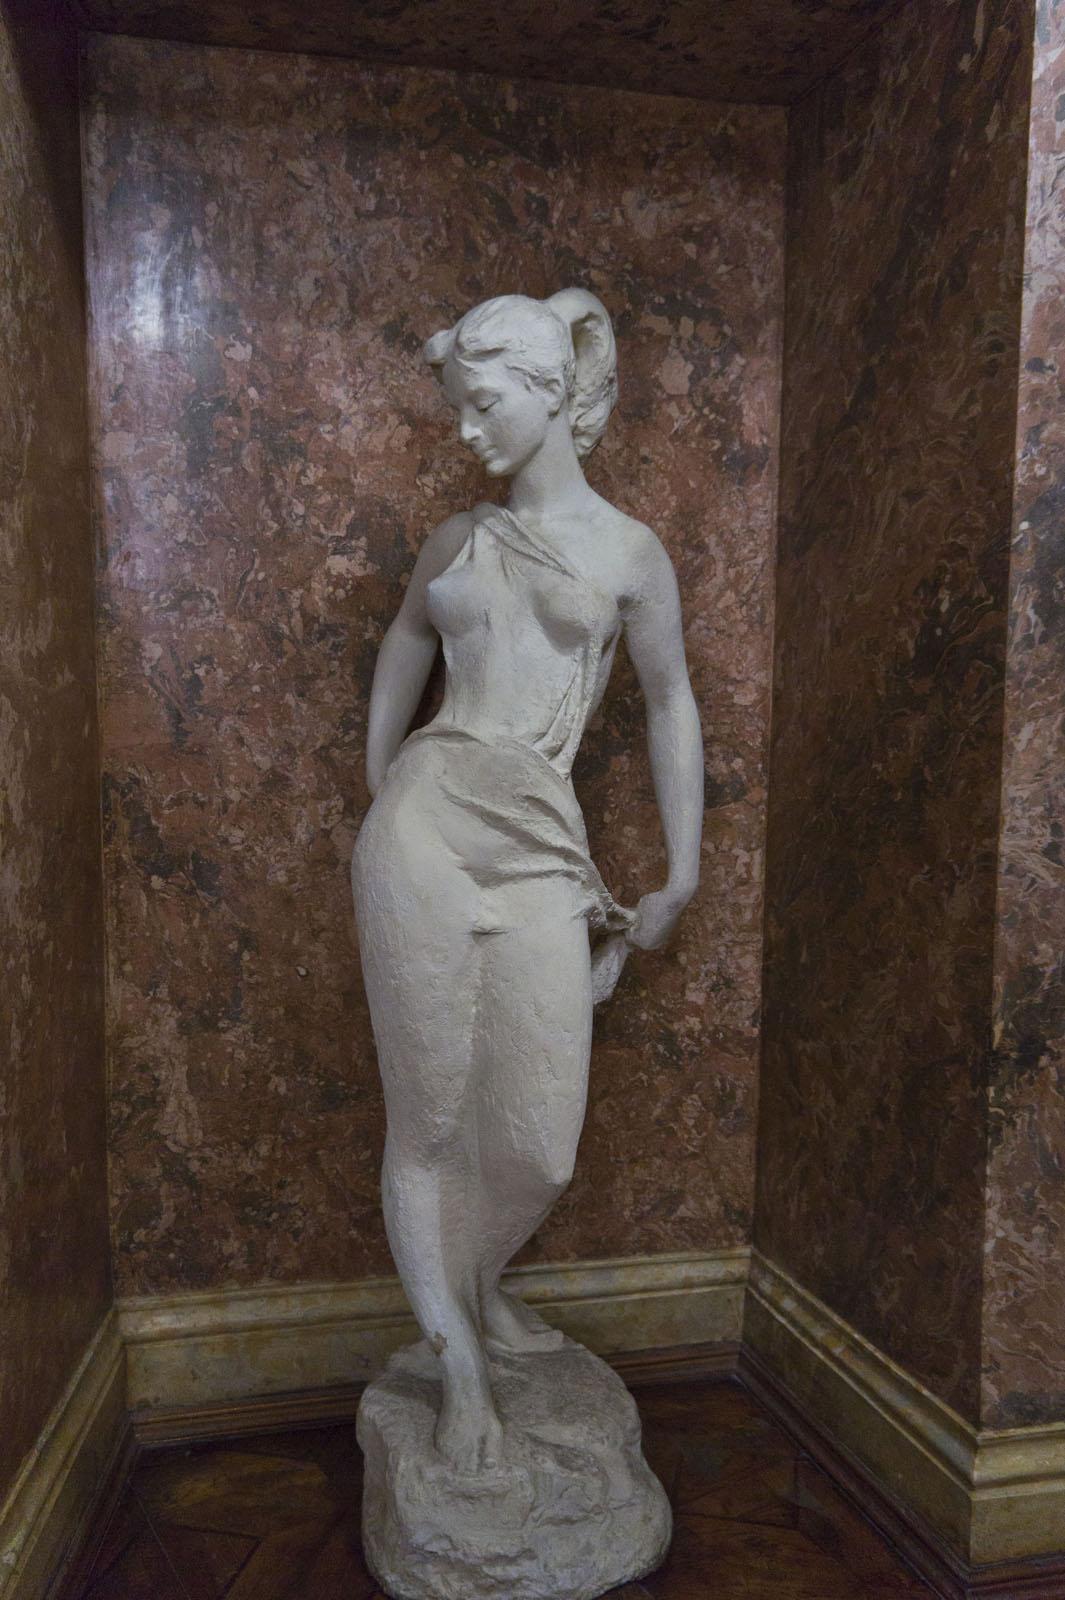 Фото №70662. 09482 Скульптура в нише фойе КАРДТ им. Горького